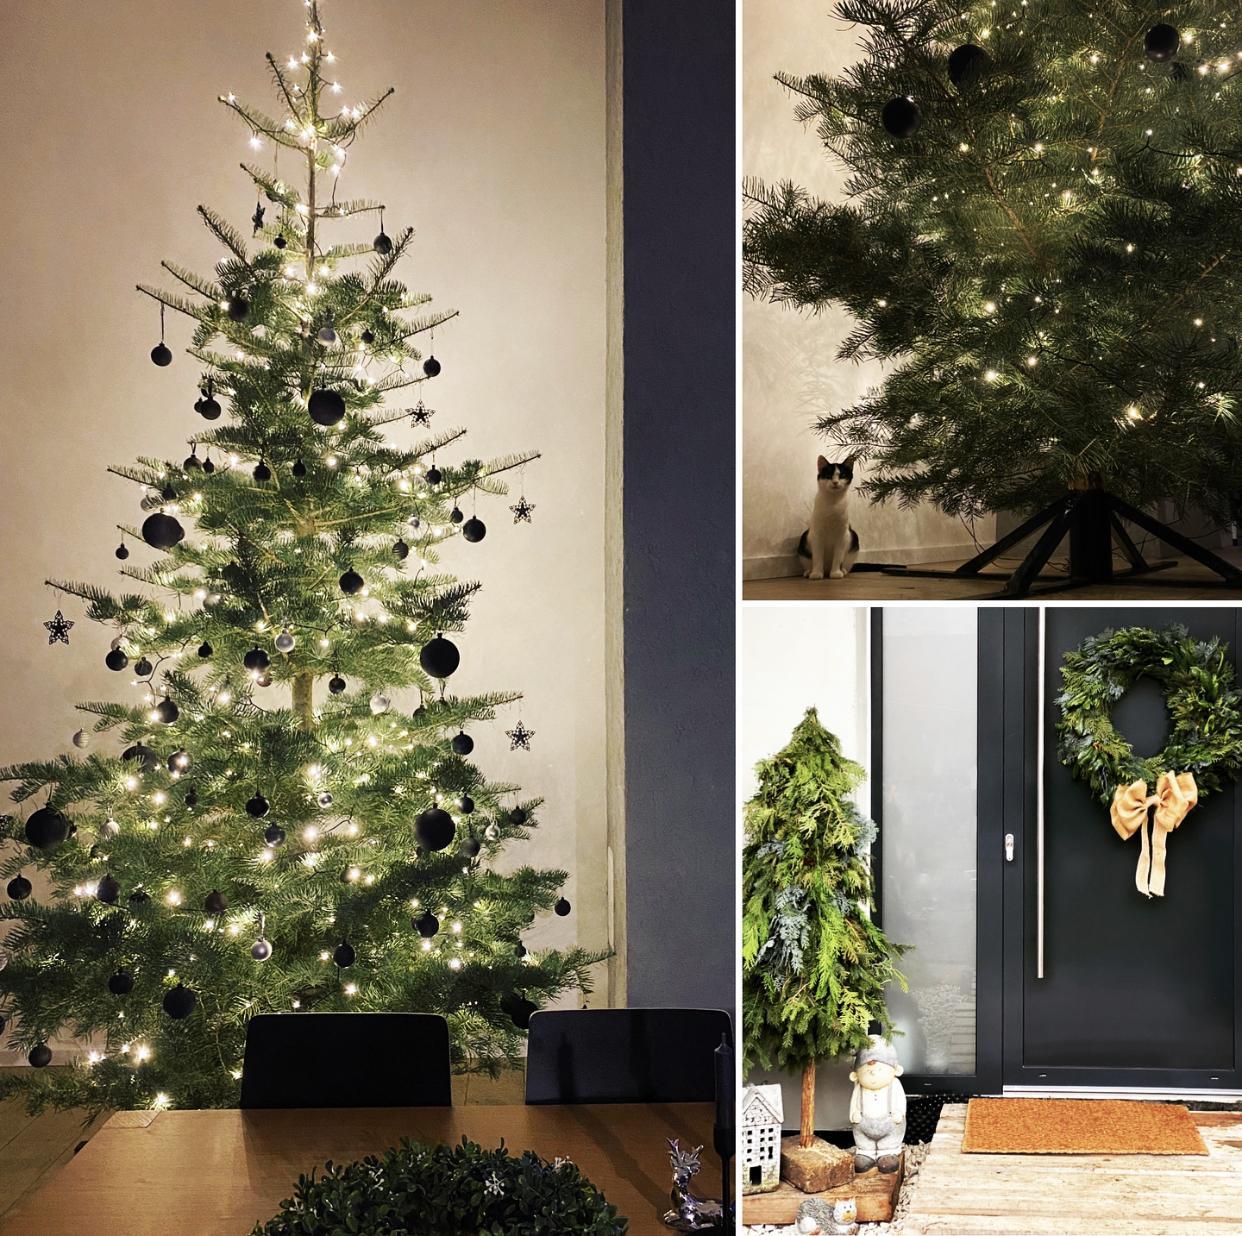 Vianoce nemusia byť len pestrofarebné  🖤🌲 - Obrázok č. 1